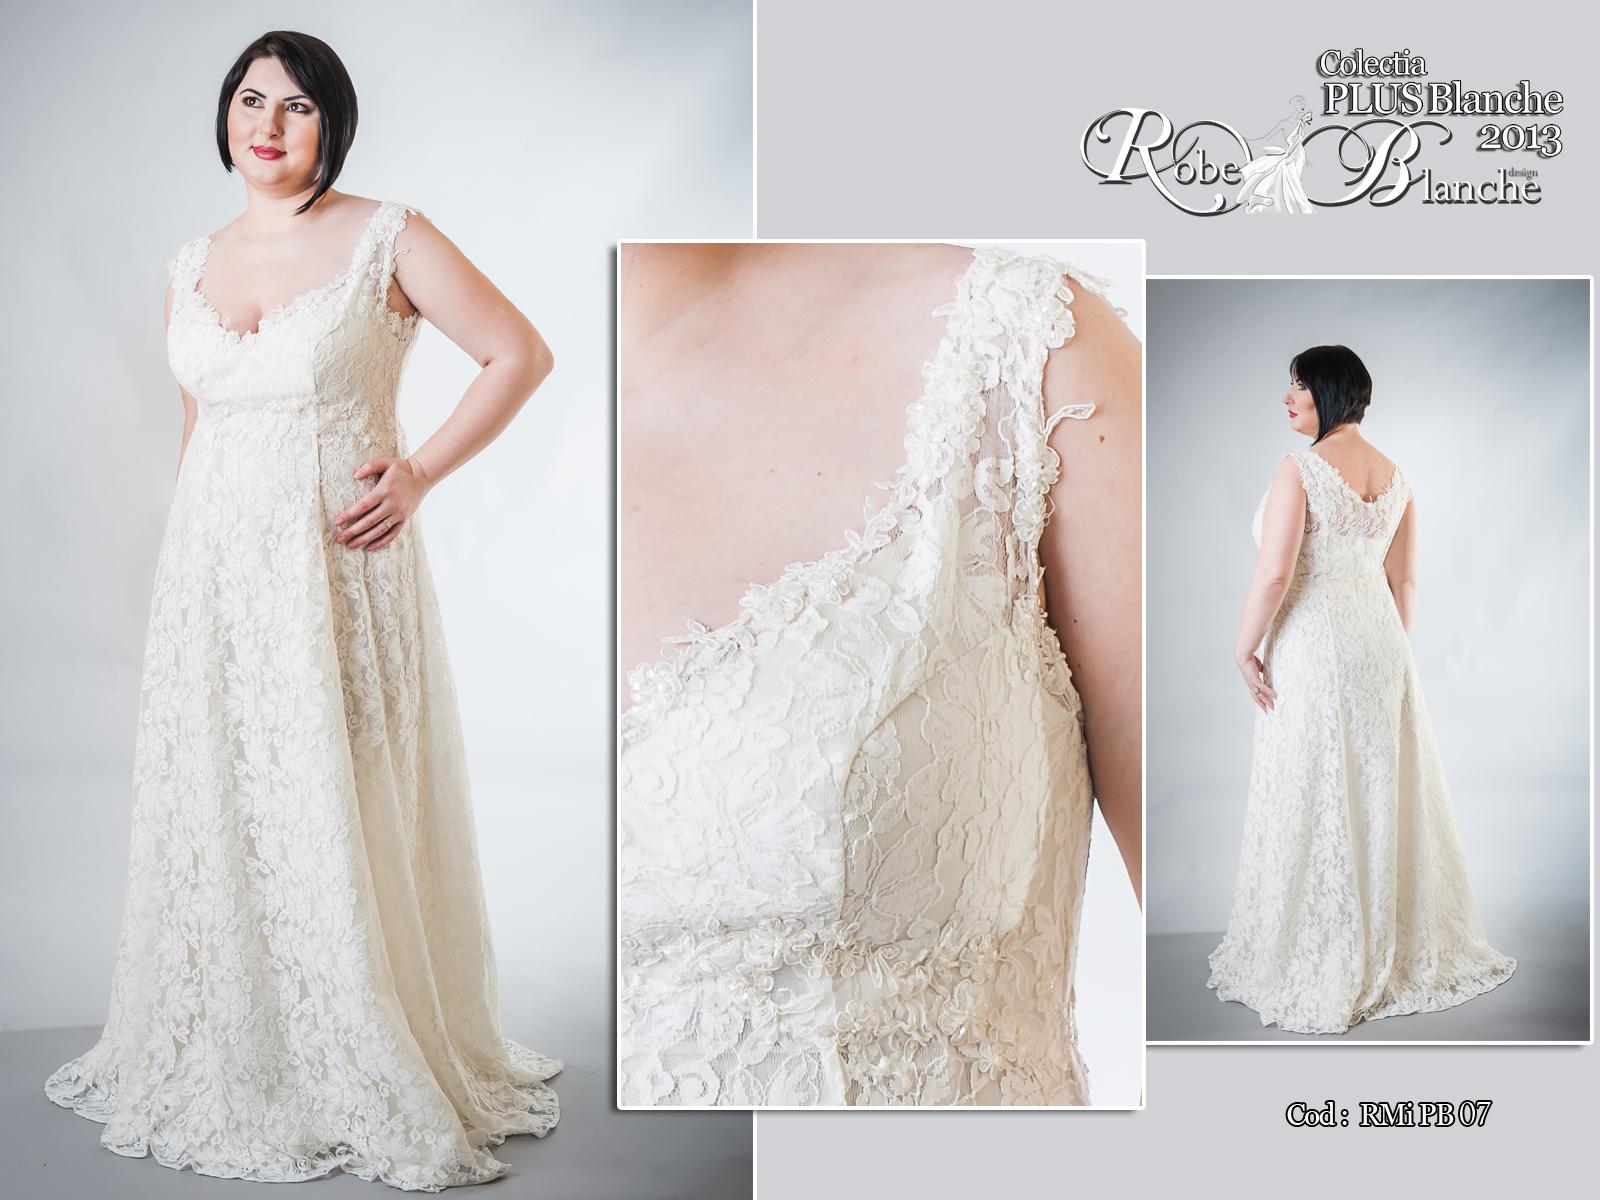 Rochie de mireasa stil printesa- Robe Blanche Design- realizata pe comanda-RMiPB07